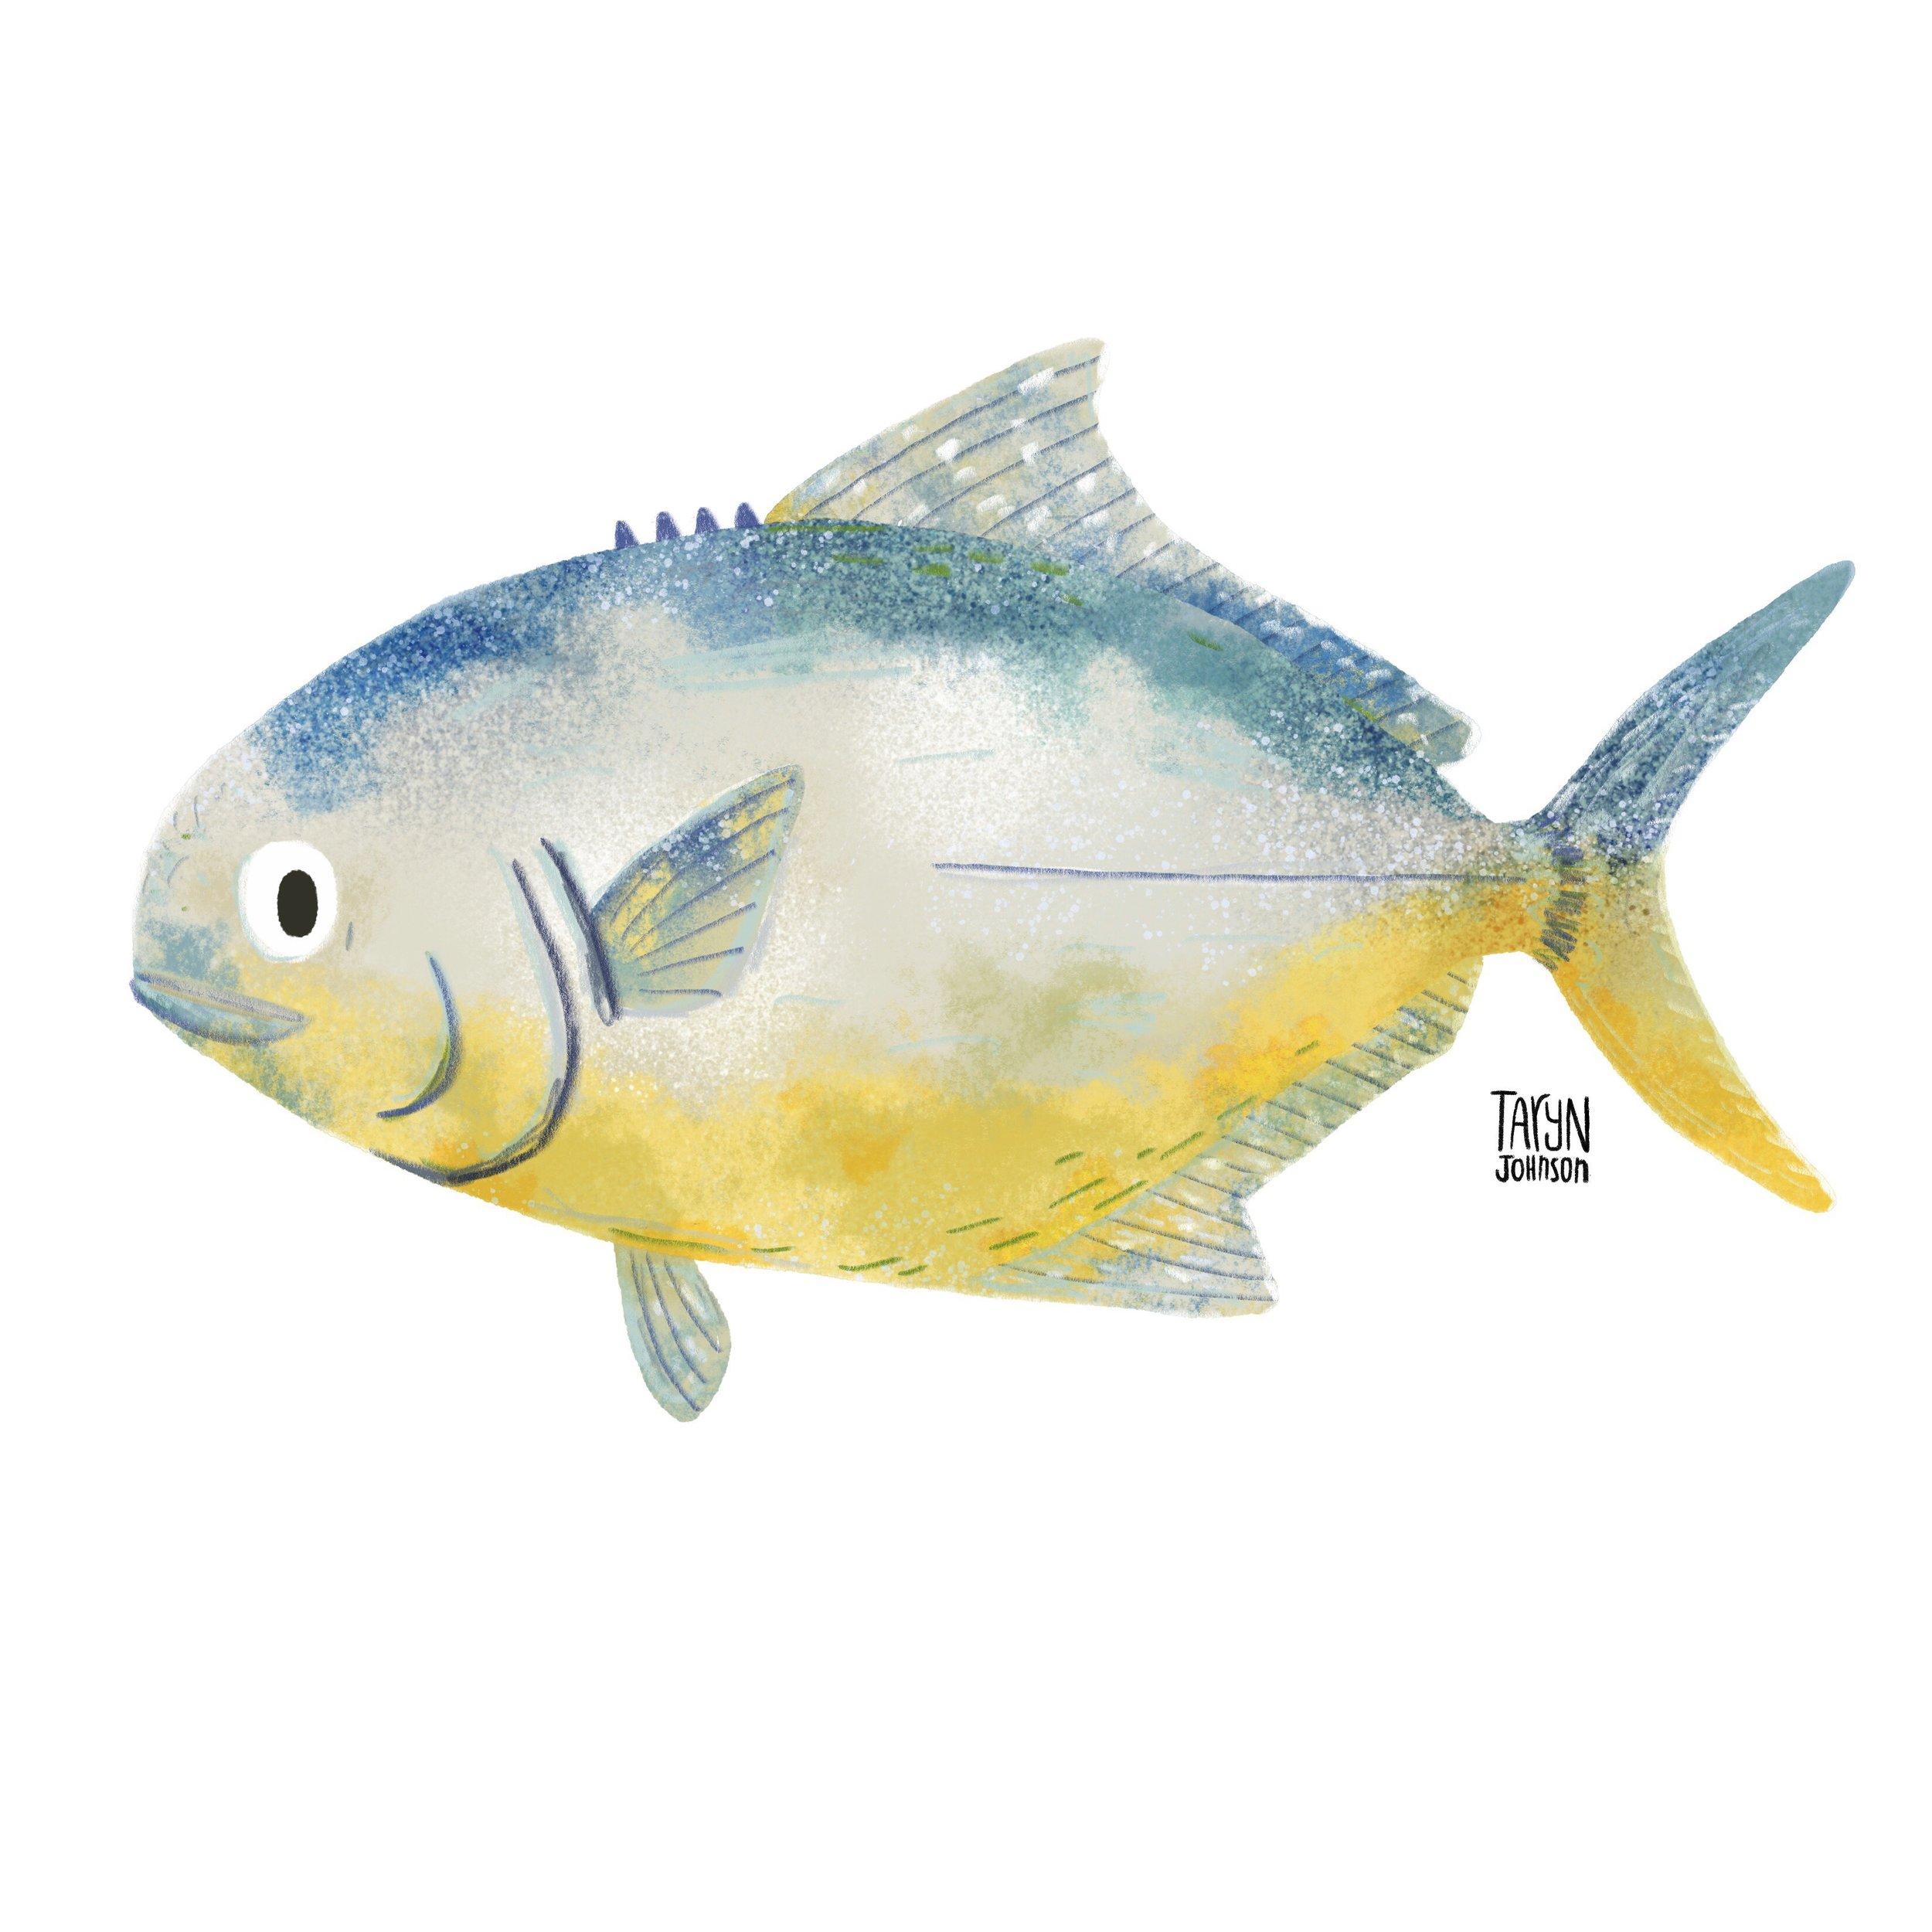 14/100 a pompano fish